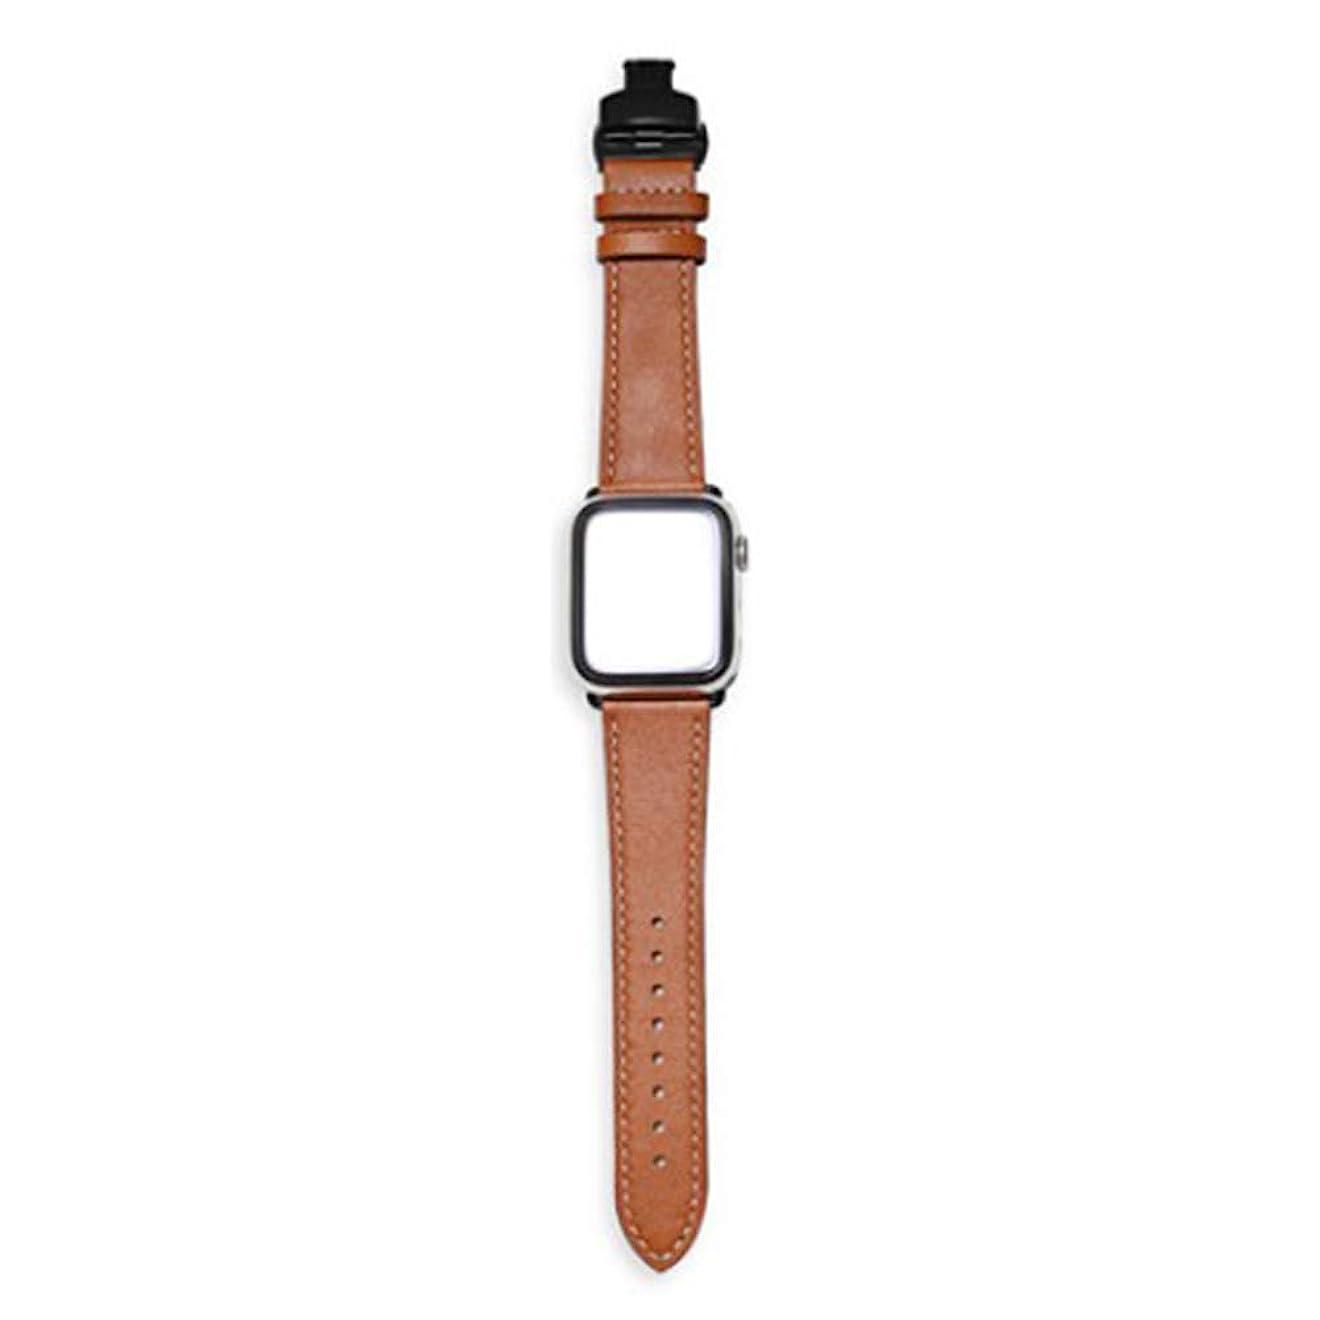 初期の合計シンジケートホープ屋 本革ベルト コンパチブル 本革 Apple Watch series 1 series 2 series 3 series 4対応 38mm 42mm アップルウォッチ レザー ビジネス バンド 腕時計ストラップ バンド調整 おしゃれ 高級品質(42mm ブラウン1)